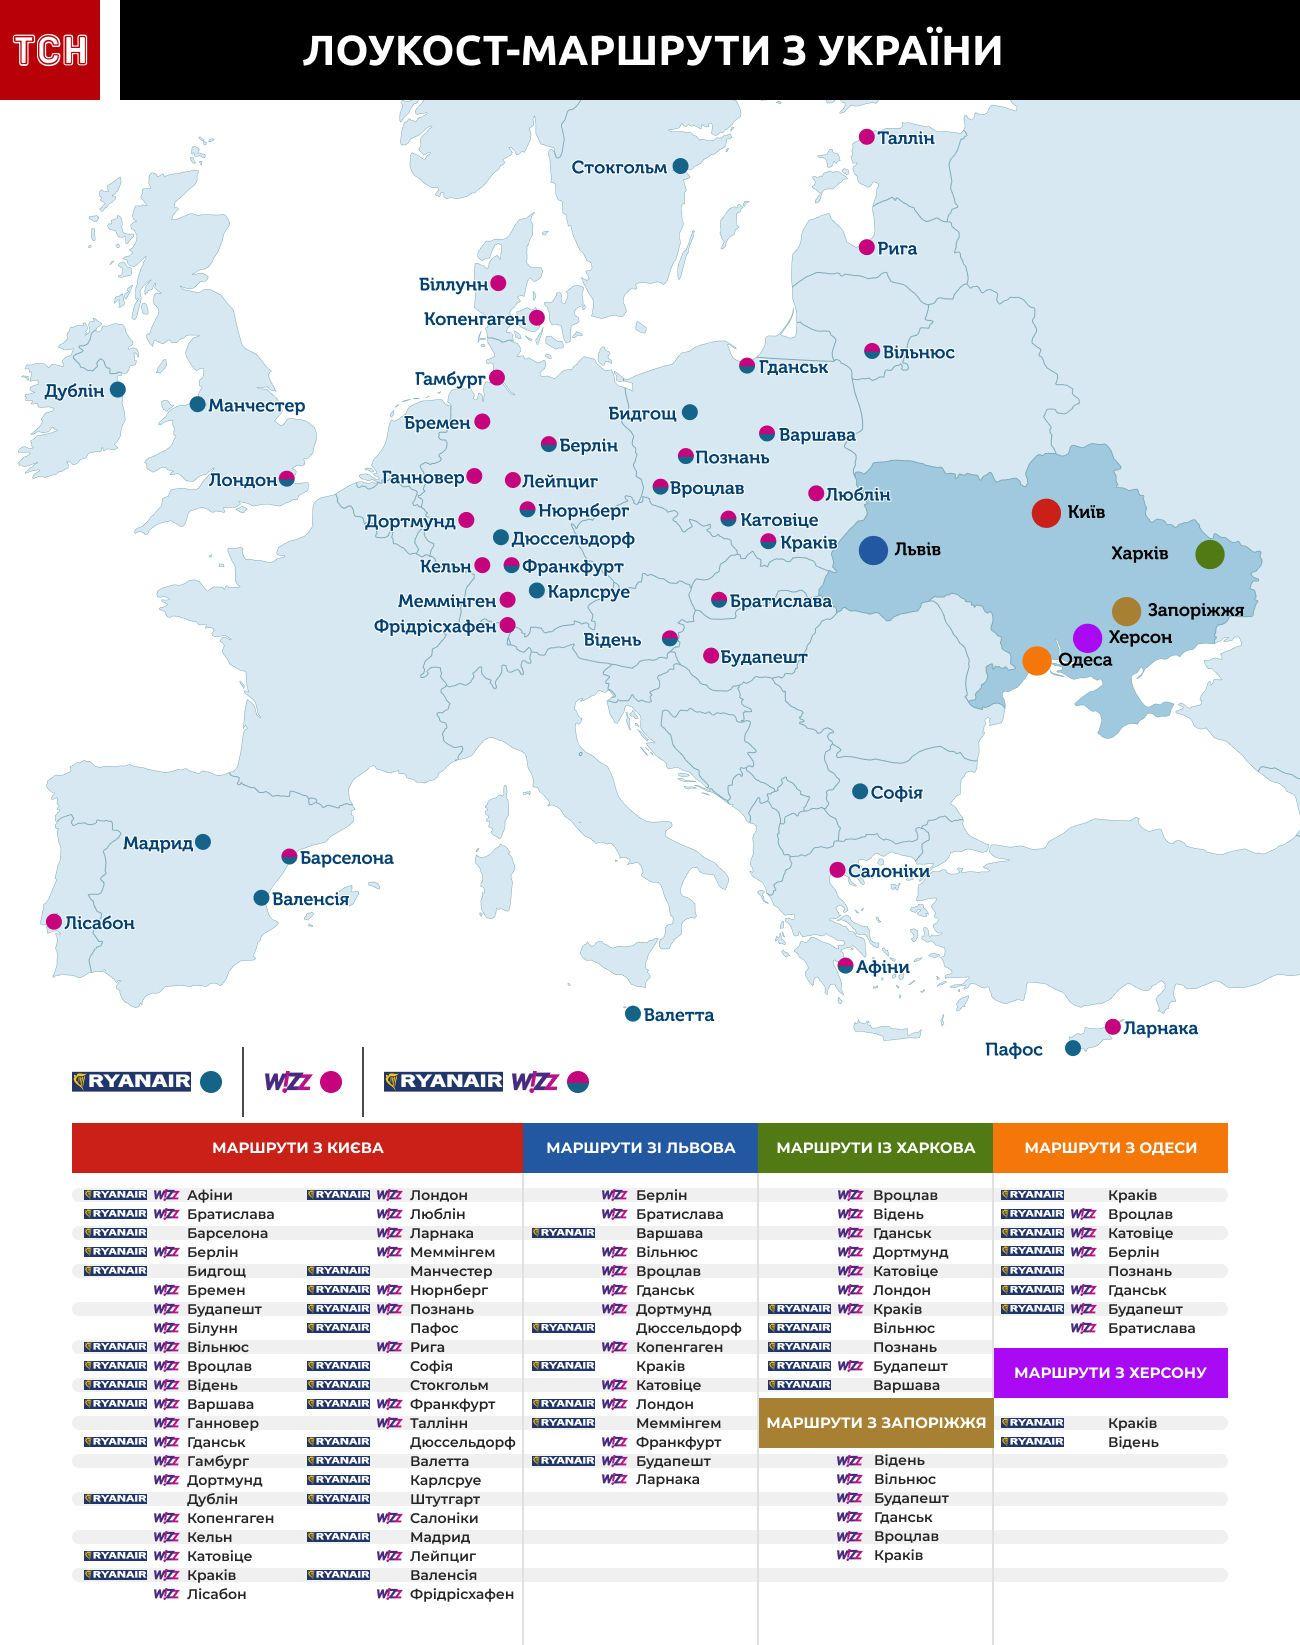 Лоукост-маршрути з України. Інфографіка 29-10-19